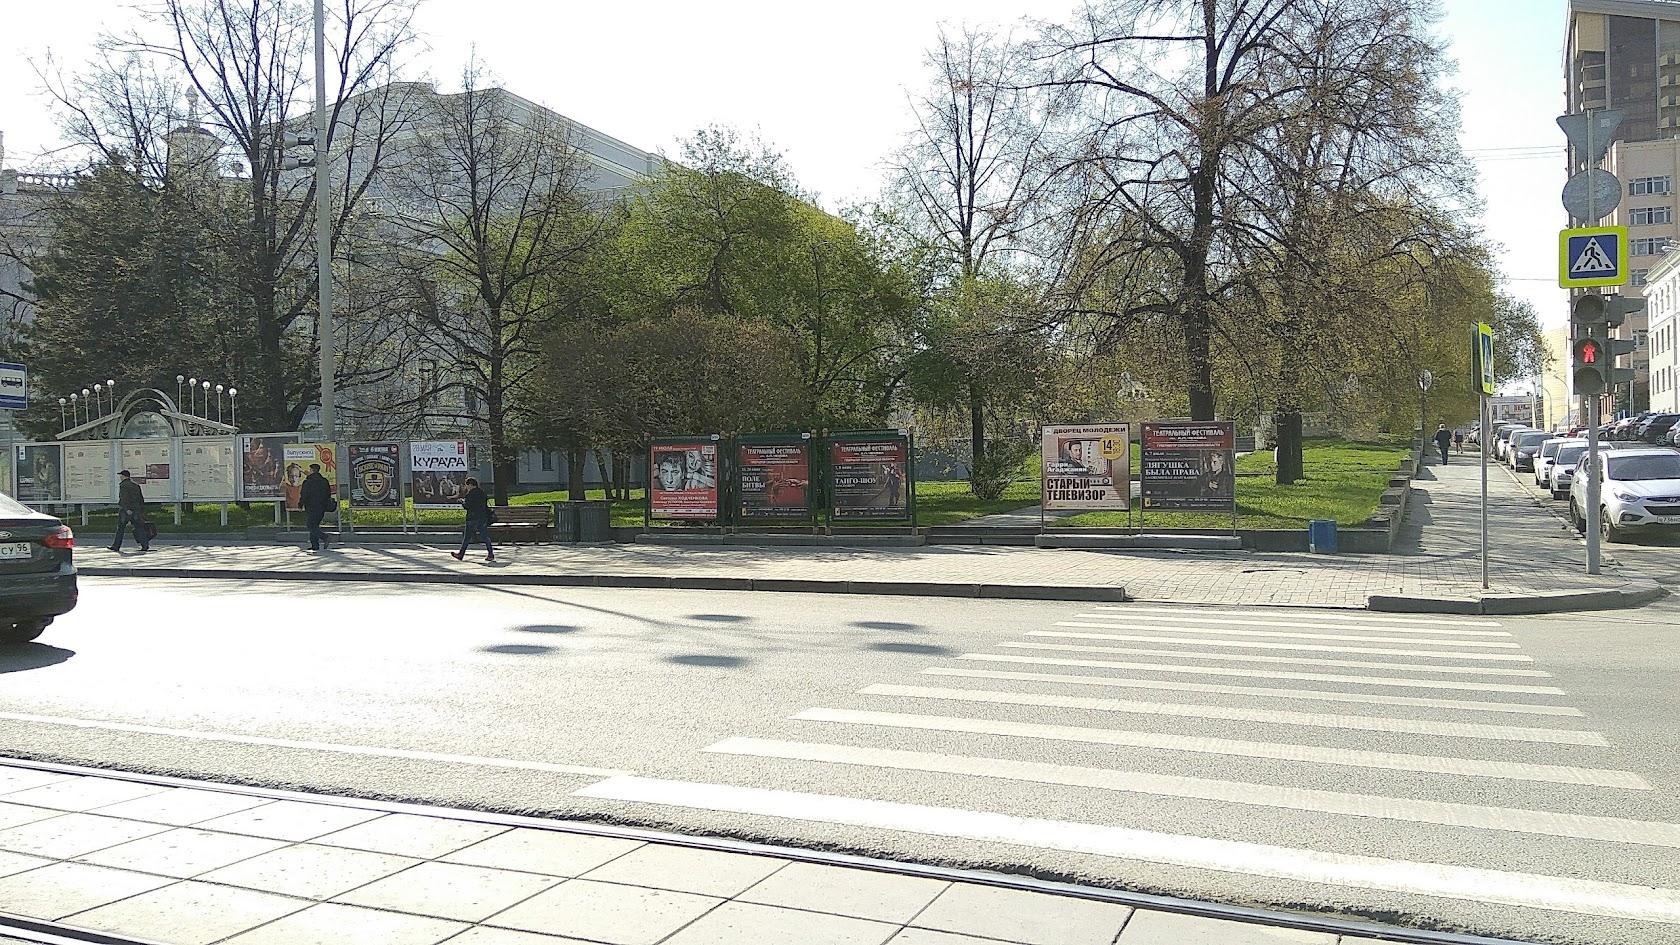 Видите, за деревьями Екатеринбургский театр оперы и балета